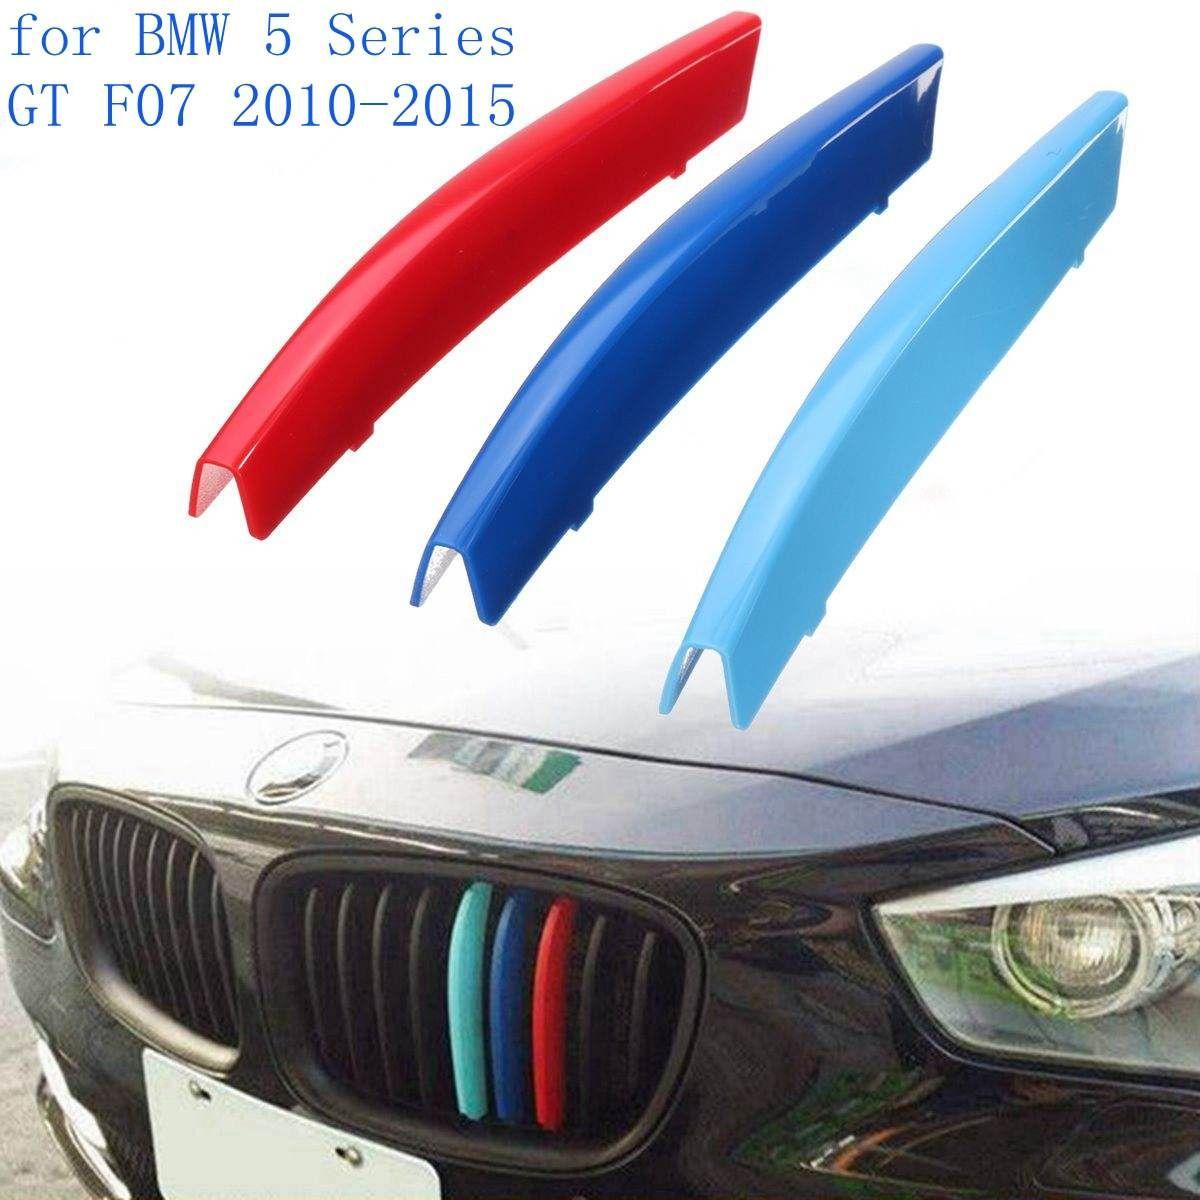 3 stücke Auto Frontgrill Abdeckung Trim Aufkleber Streifen DIY Dekoration Für BMW 5 Serie GT F07 2010-2015